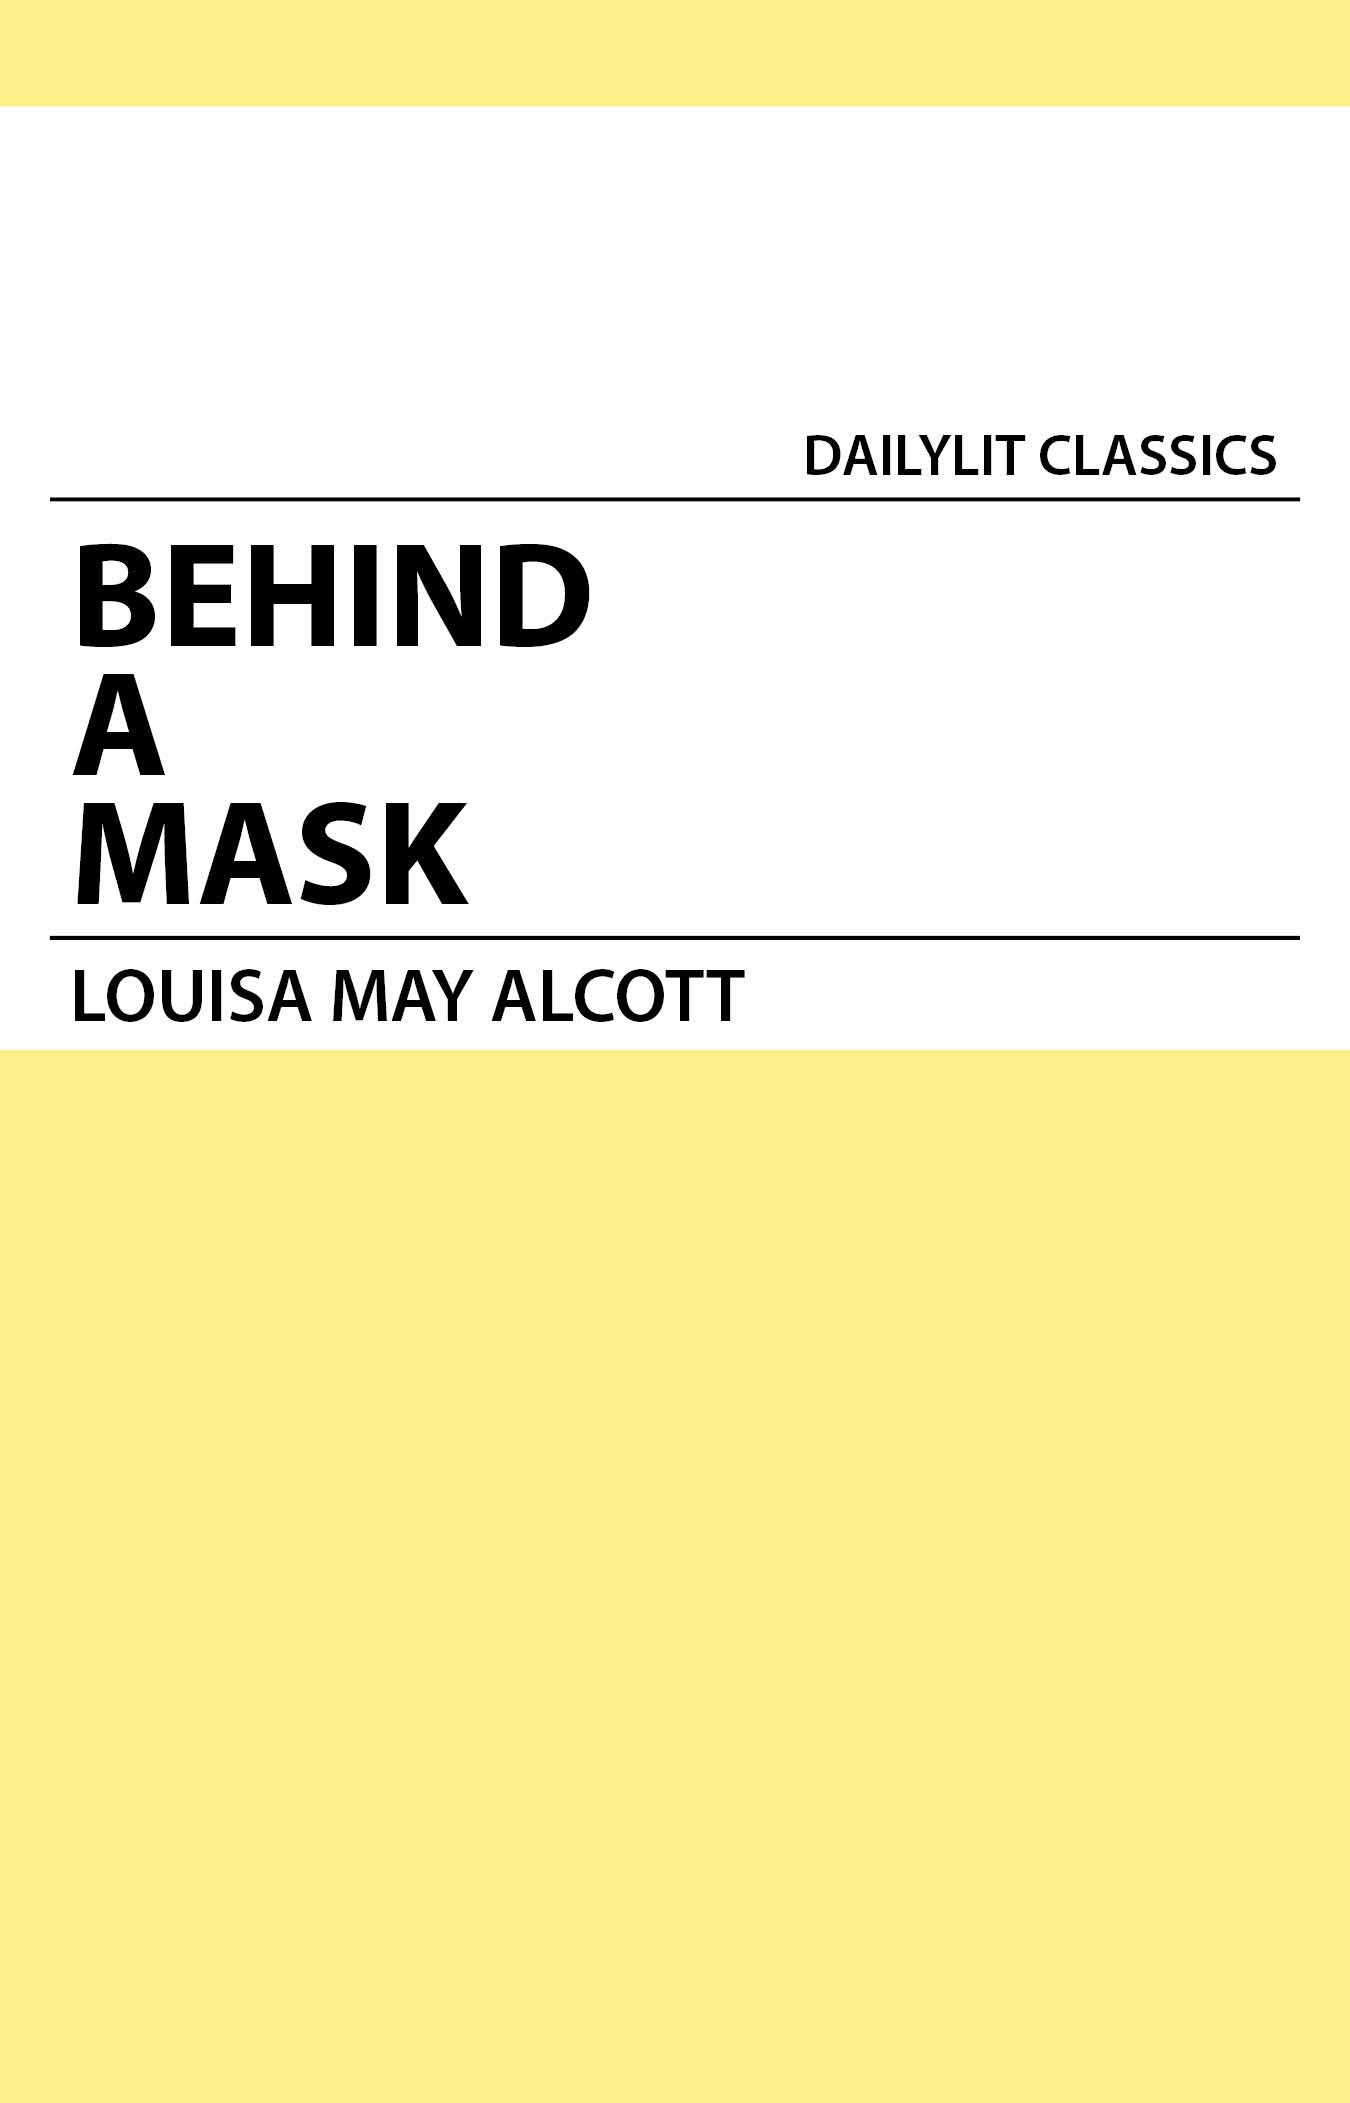 behind a mask louisa may alcott